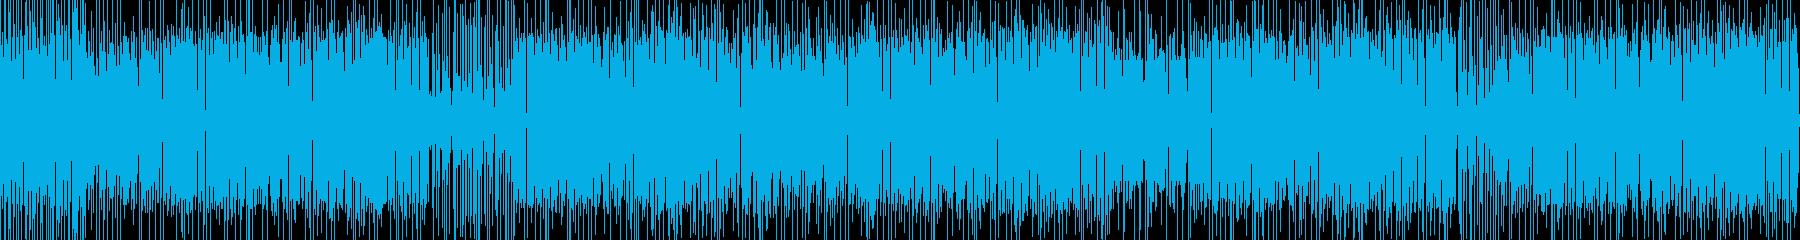 ヘタうま感たっぷりなレゲエポップの再生済みの波形